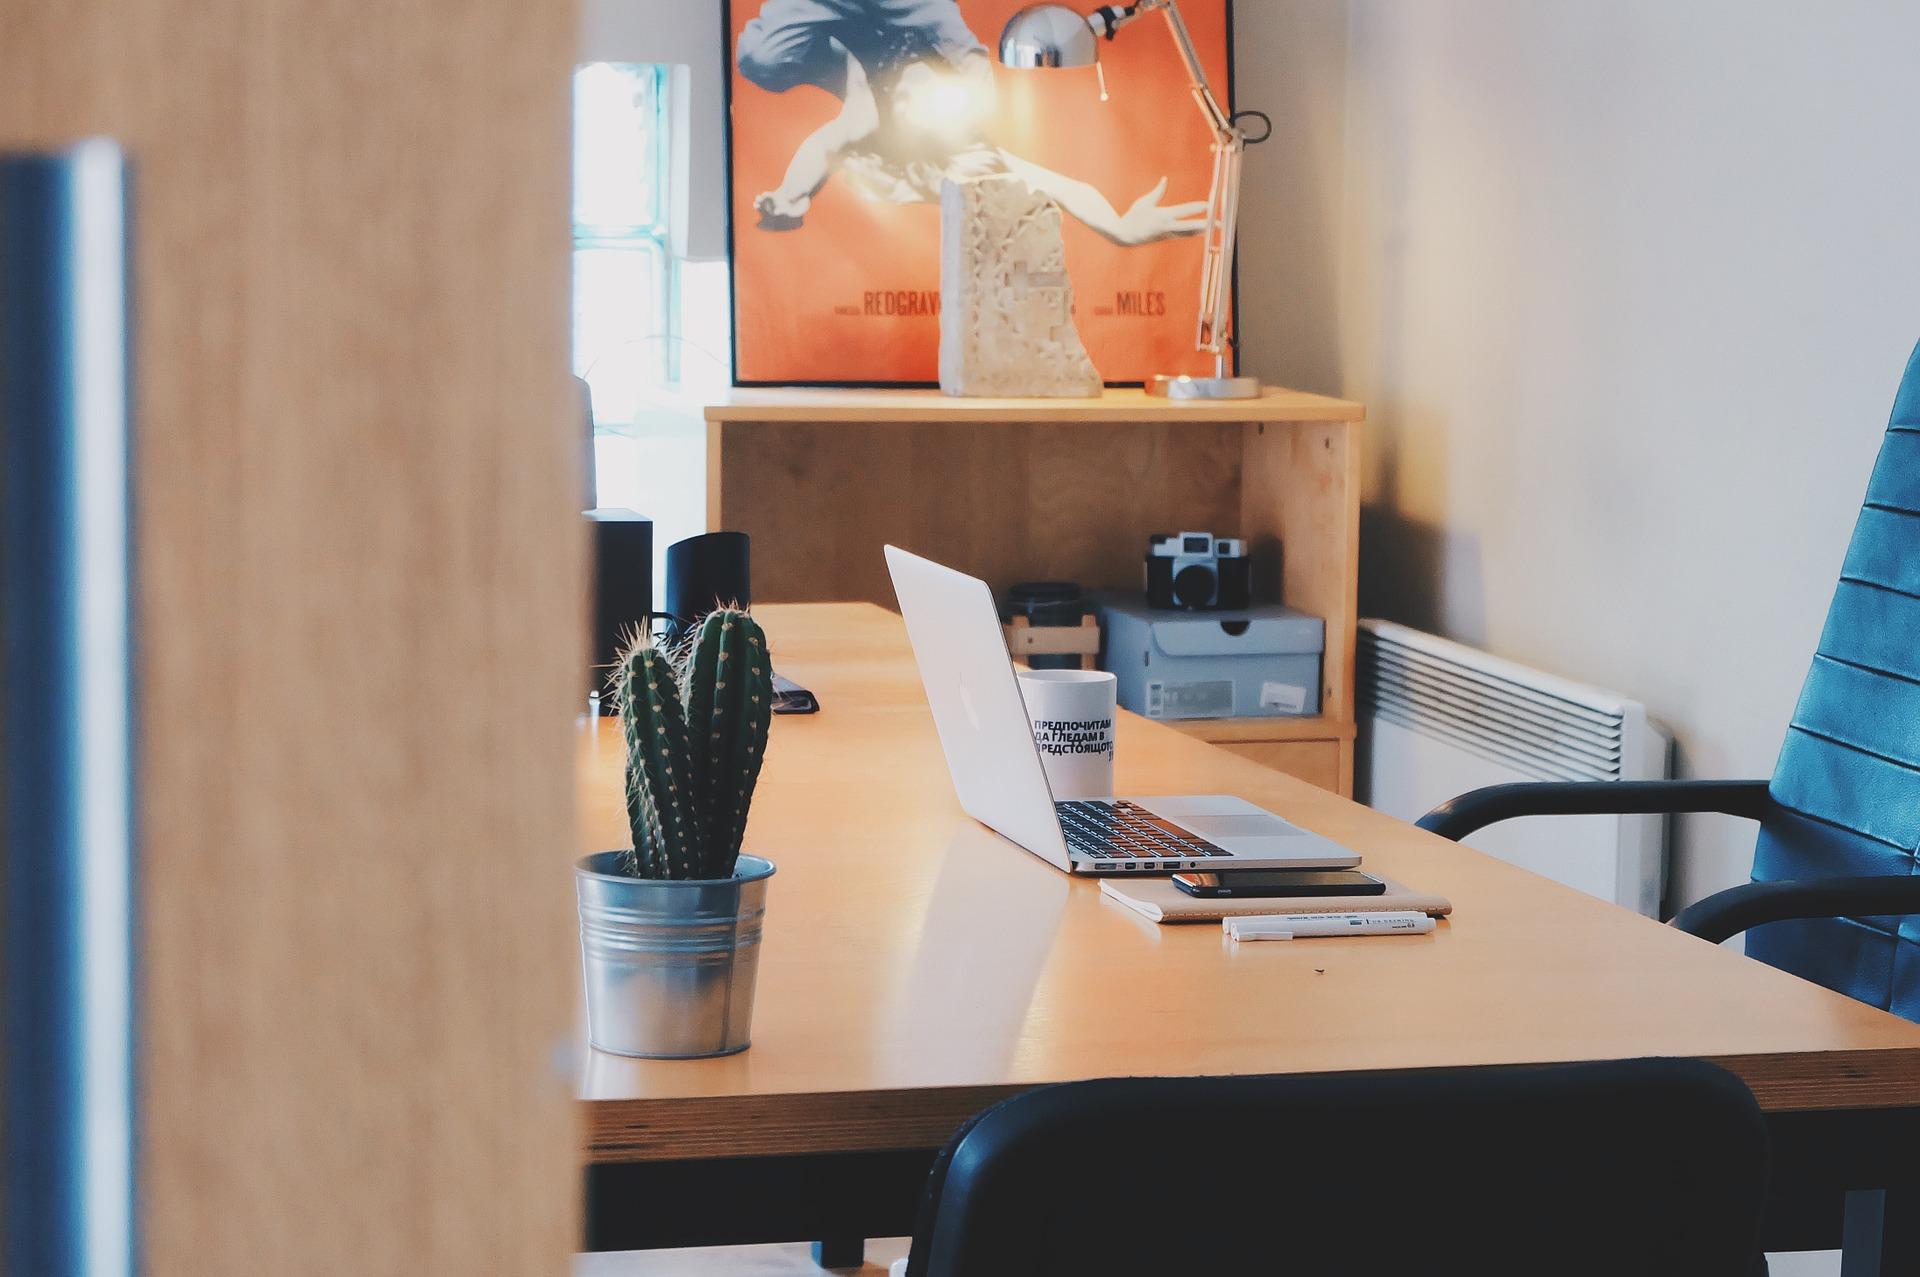 Lehrkrafte Konnen Arbeitszimmer Jetzt Mehrfach Steuerlich Absetzen